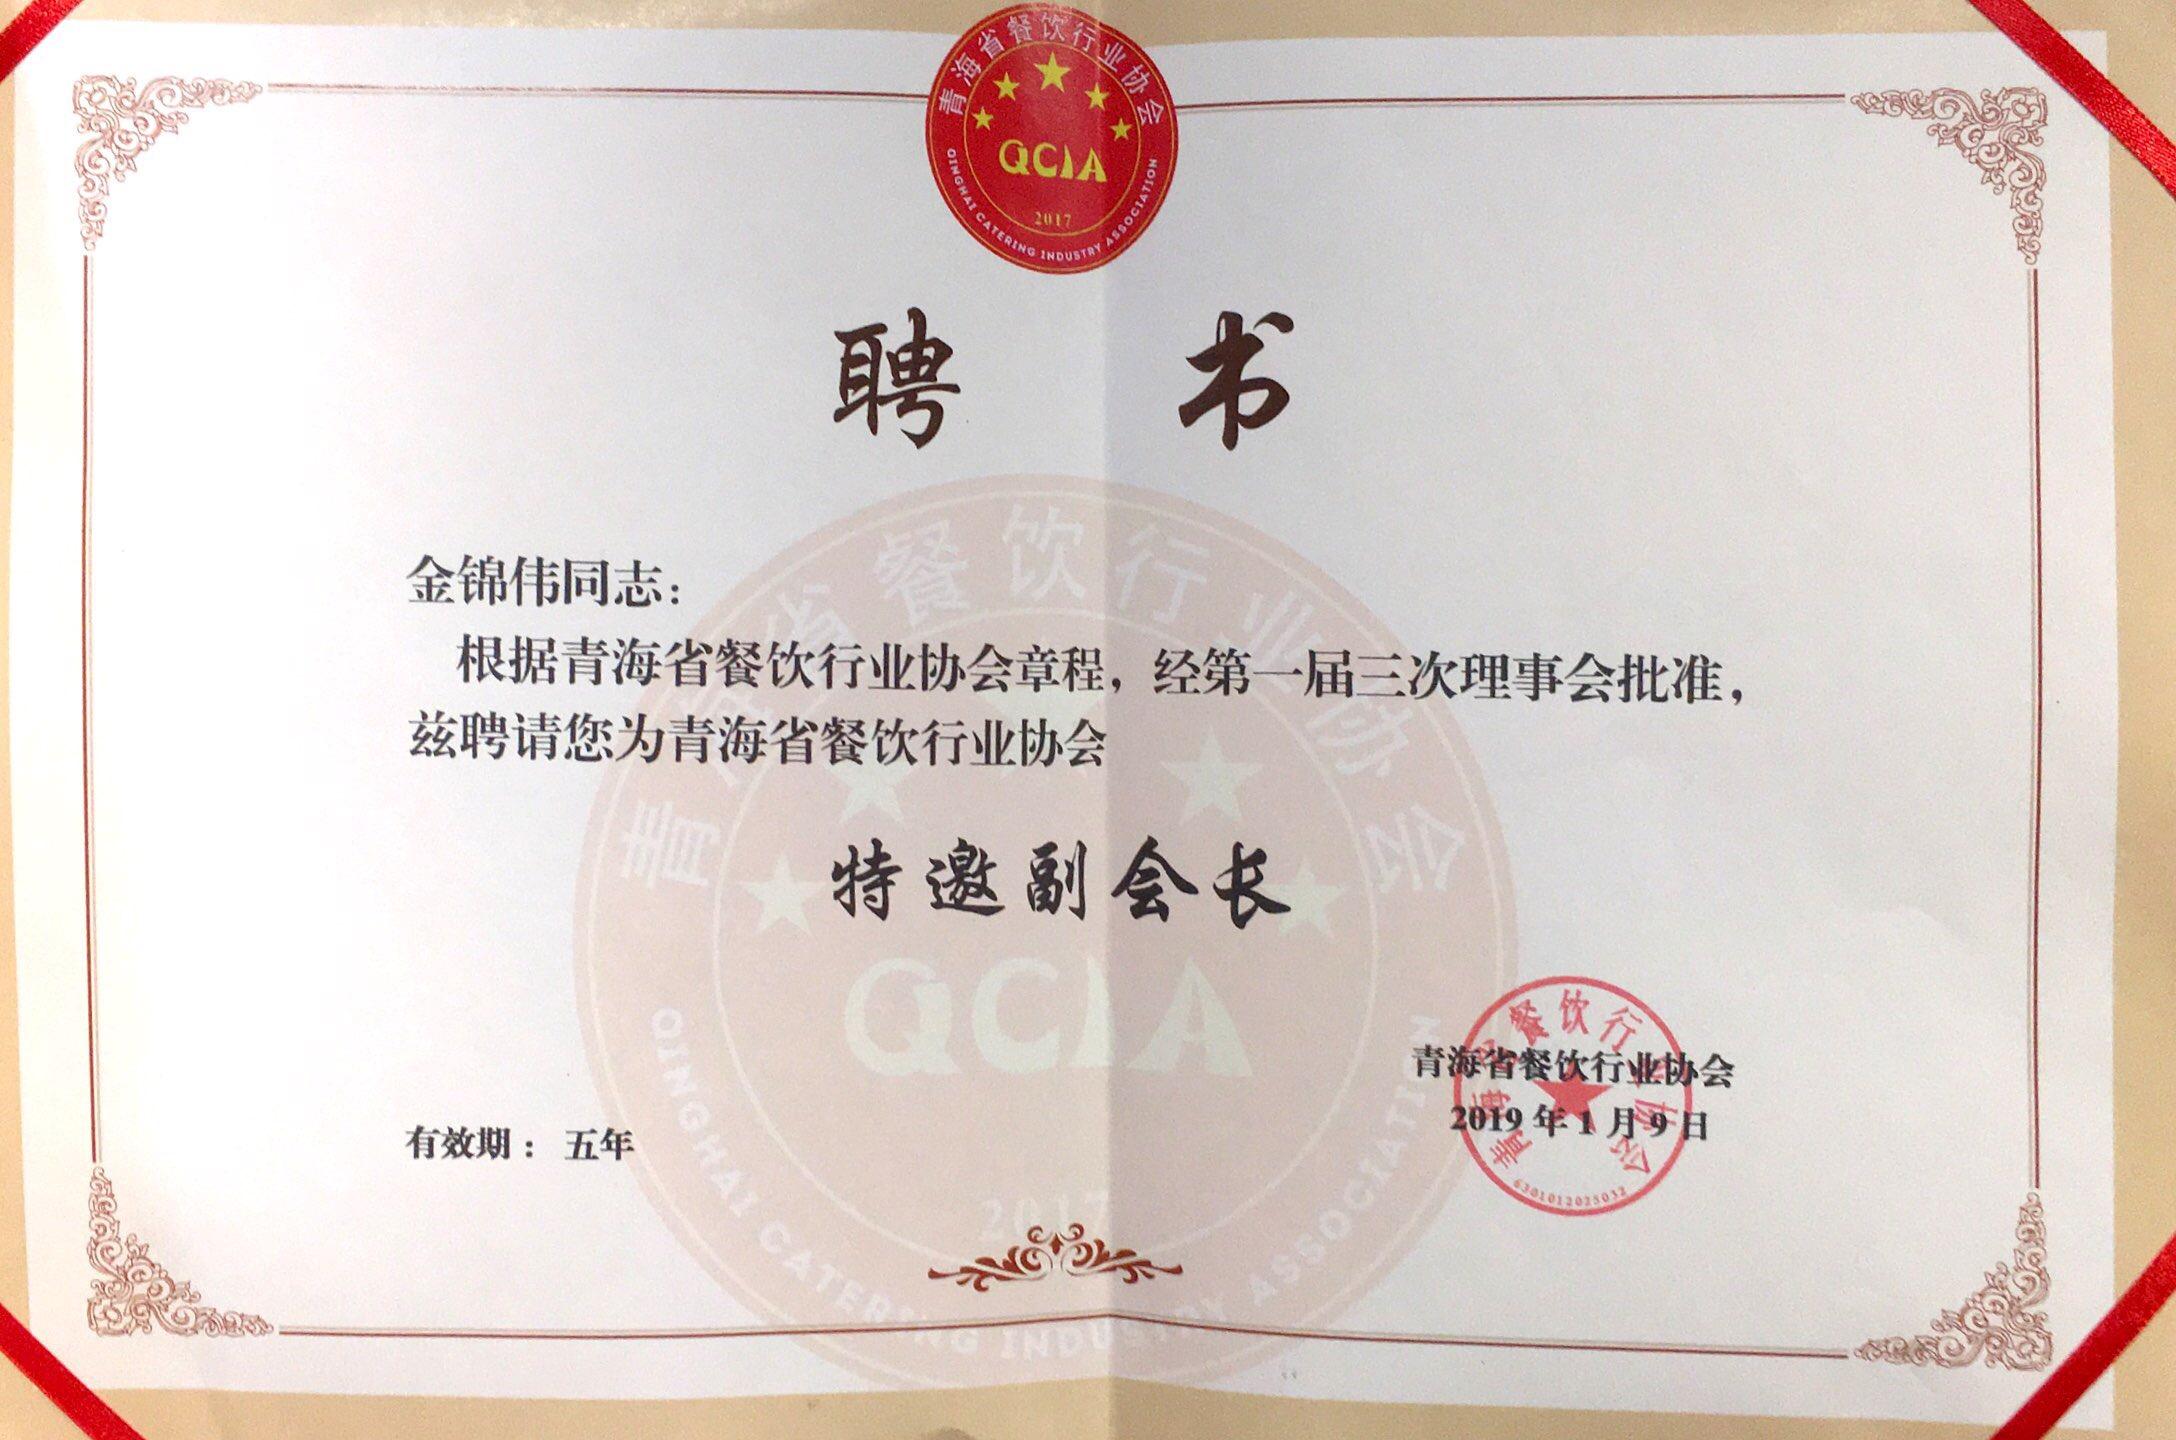 可以买滚球的安全平台省餐饮行业协会特邀副会长